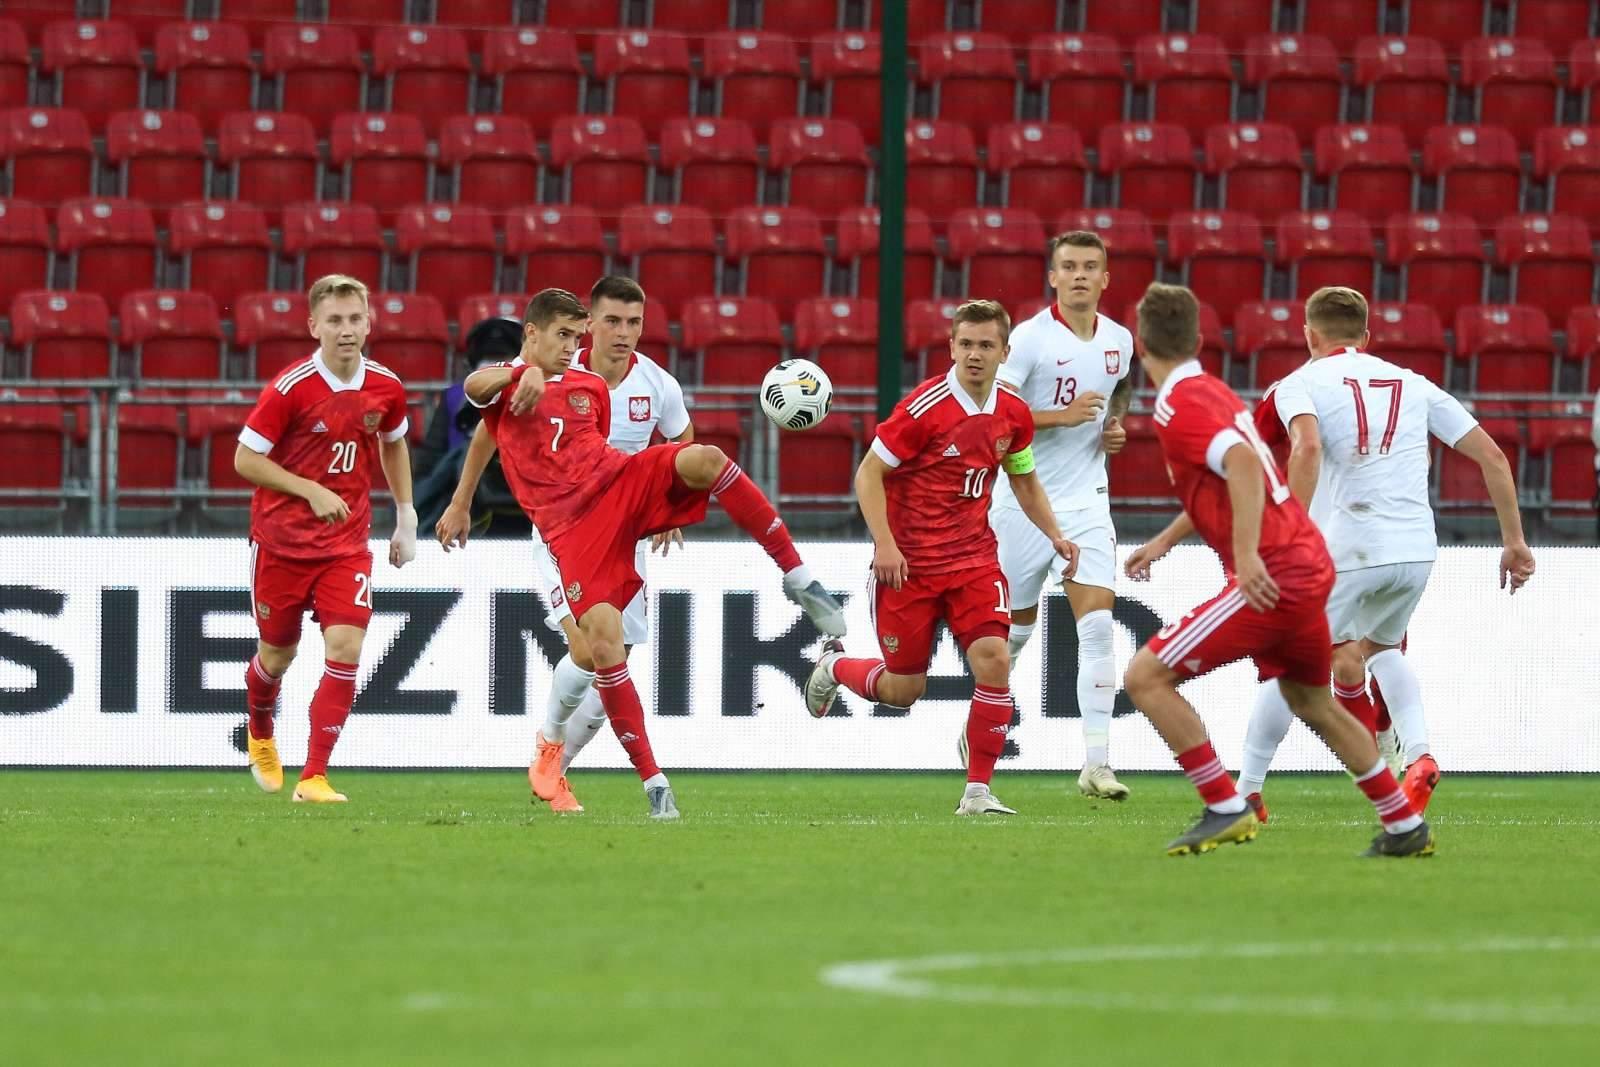 Известен состав молодёжной сборной России на матч с Литвой